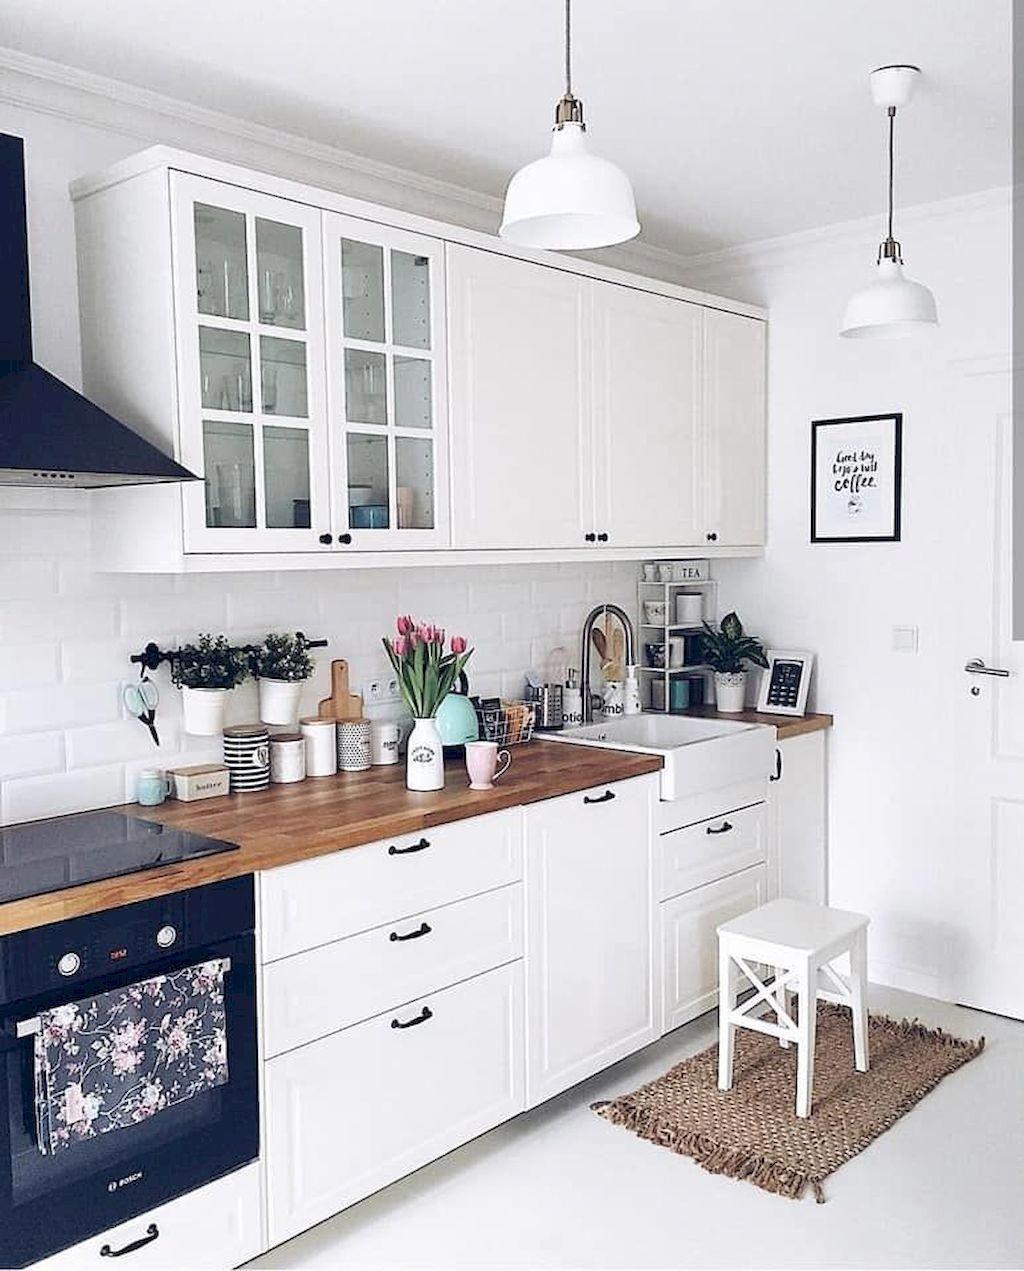 Pinterest Vsco Insta Blakeissiah Kitchen Decor Apartment